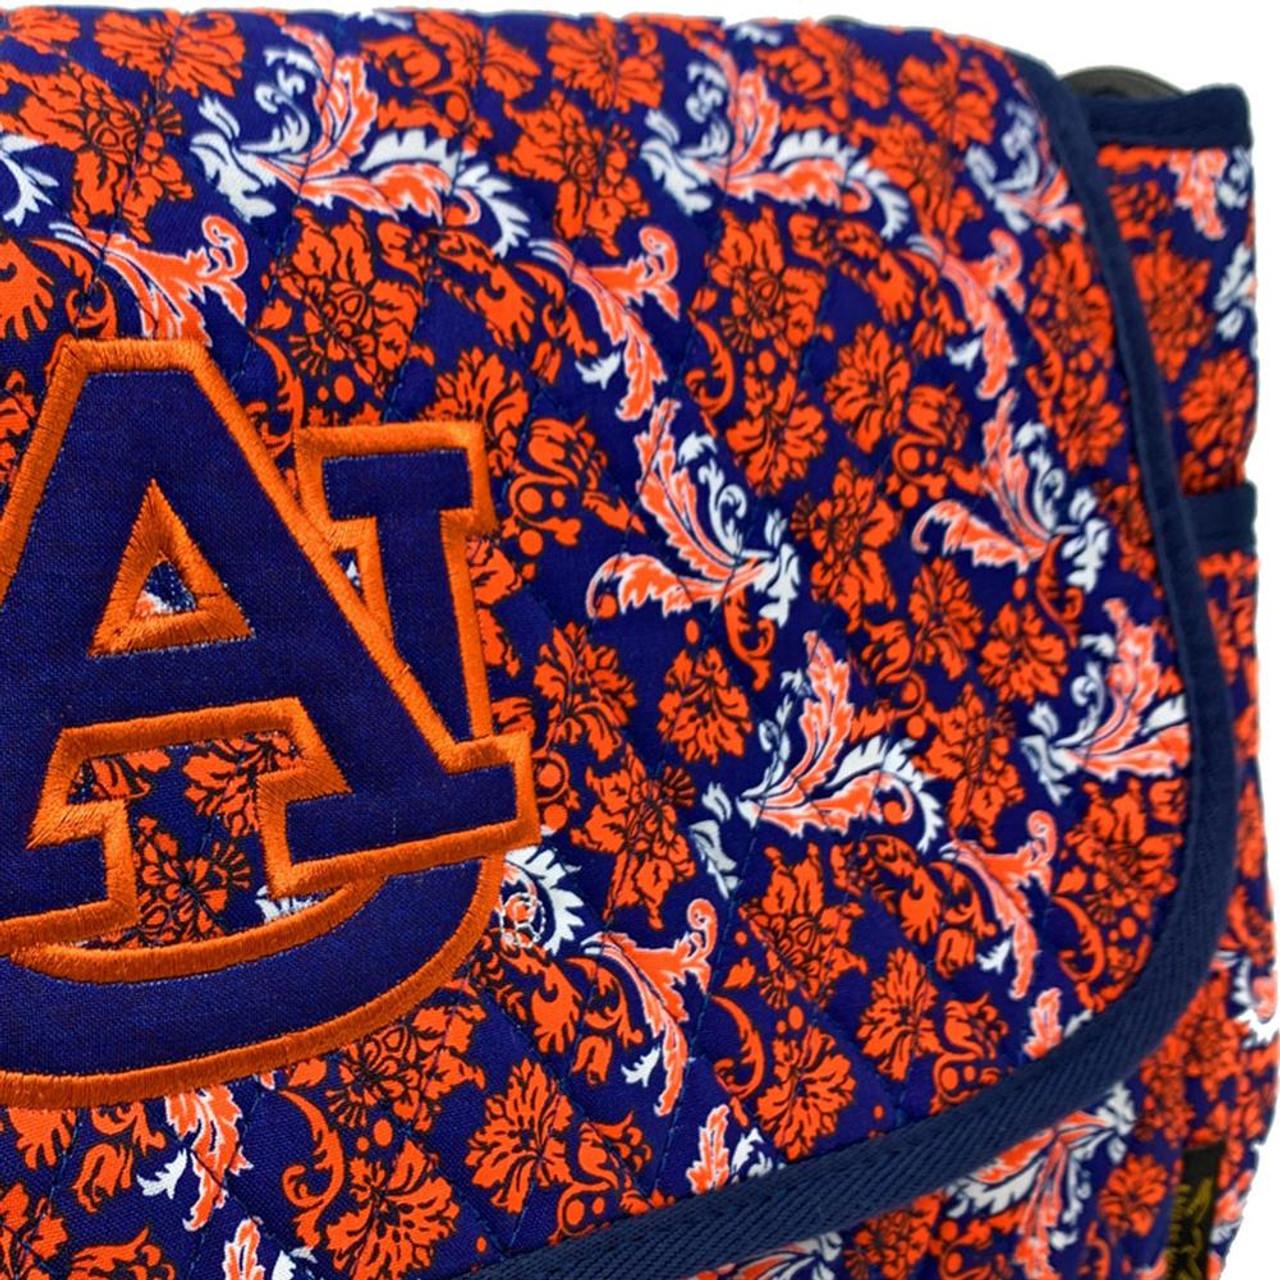 Clemson University Tigers Messenger Bag Quilted Bloom Shoulder Tote